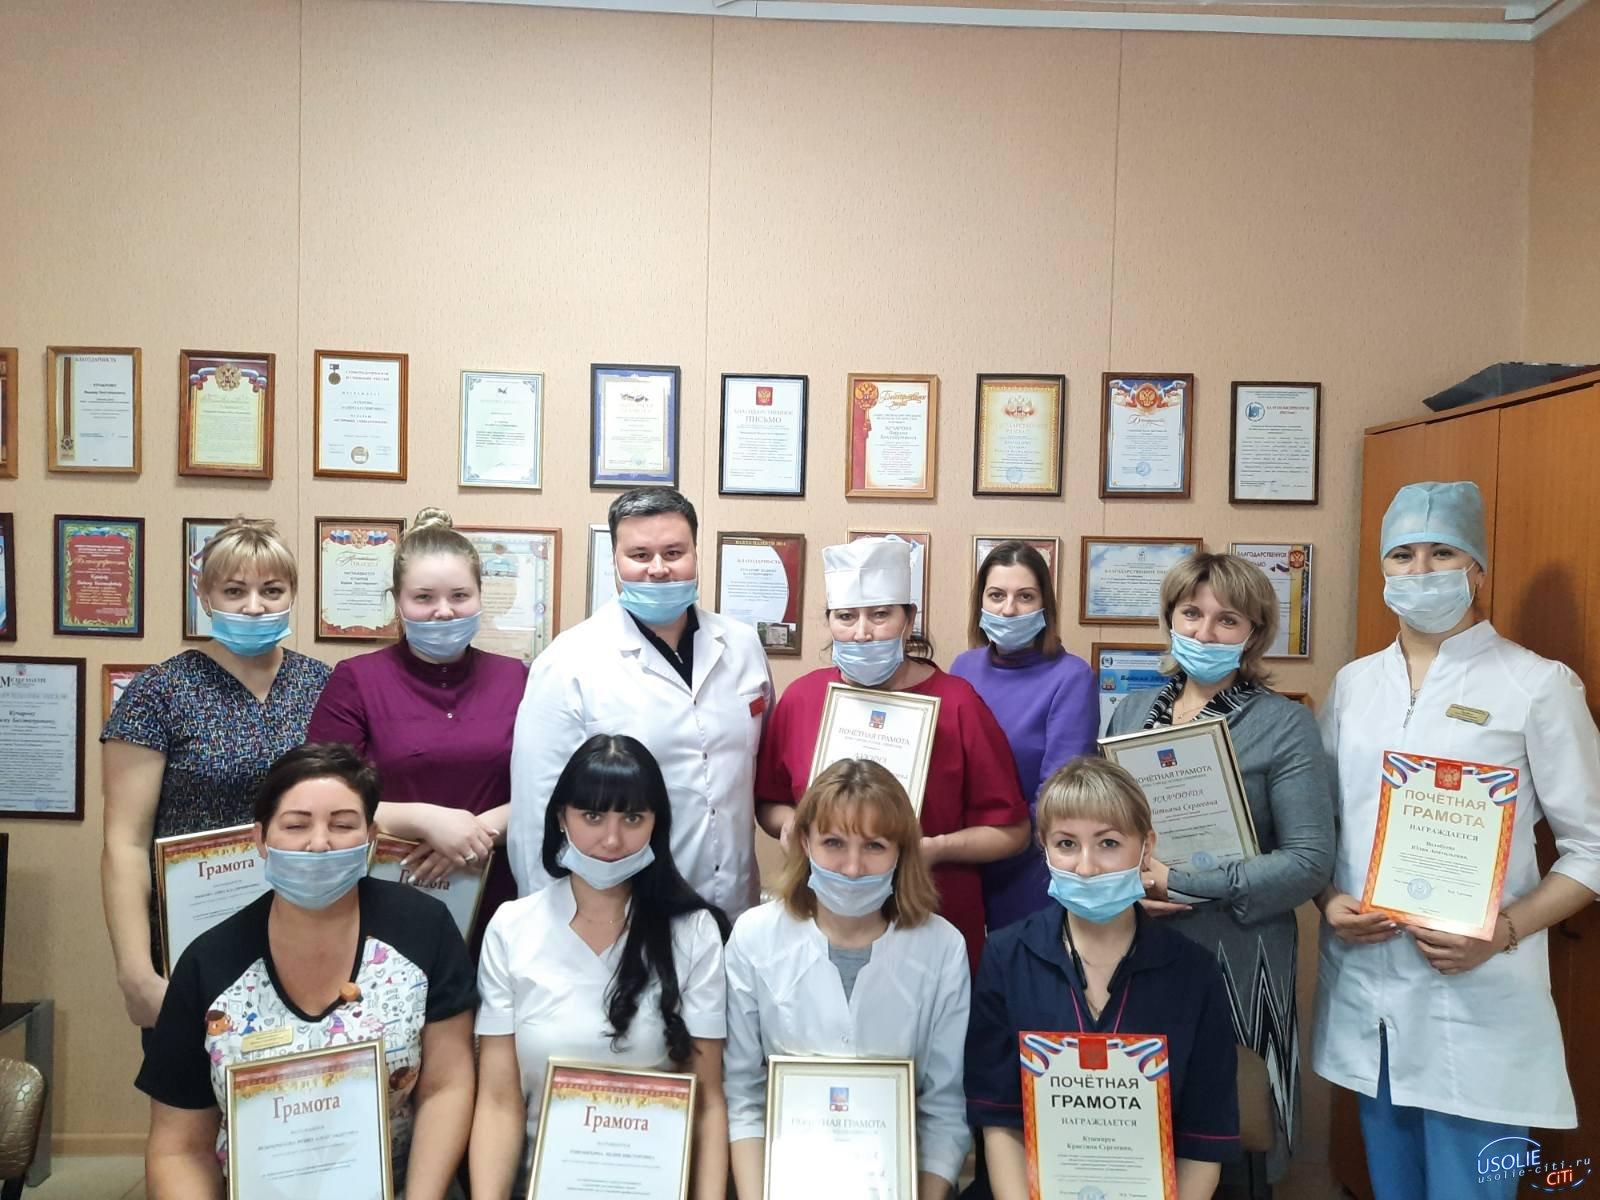 Лучших из лучших стоматологов Усолья наградил Вадим Кучаров